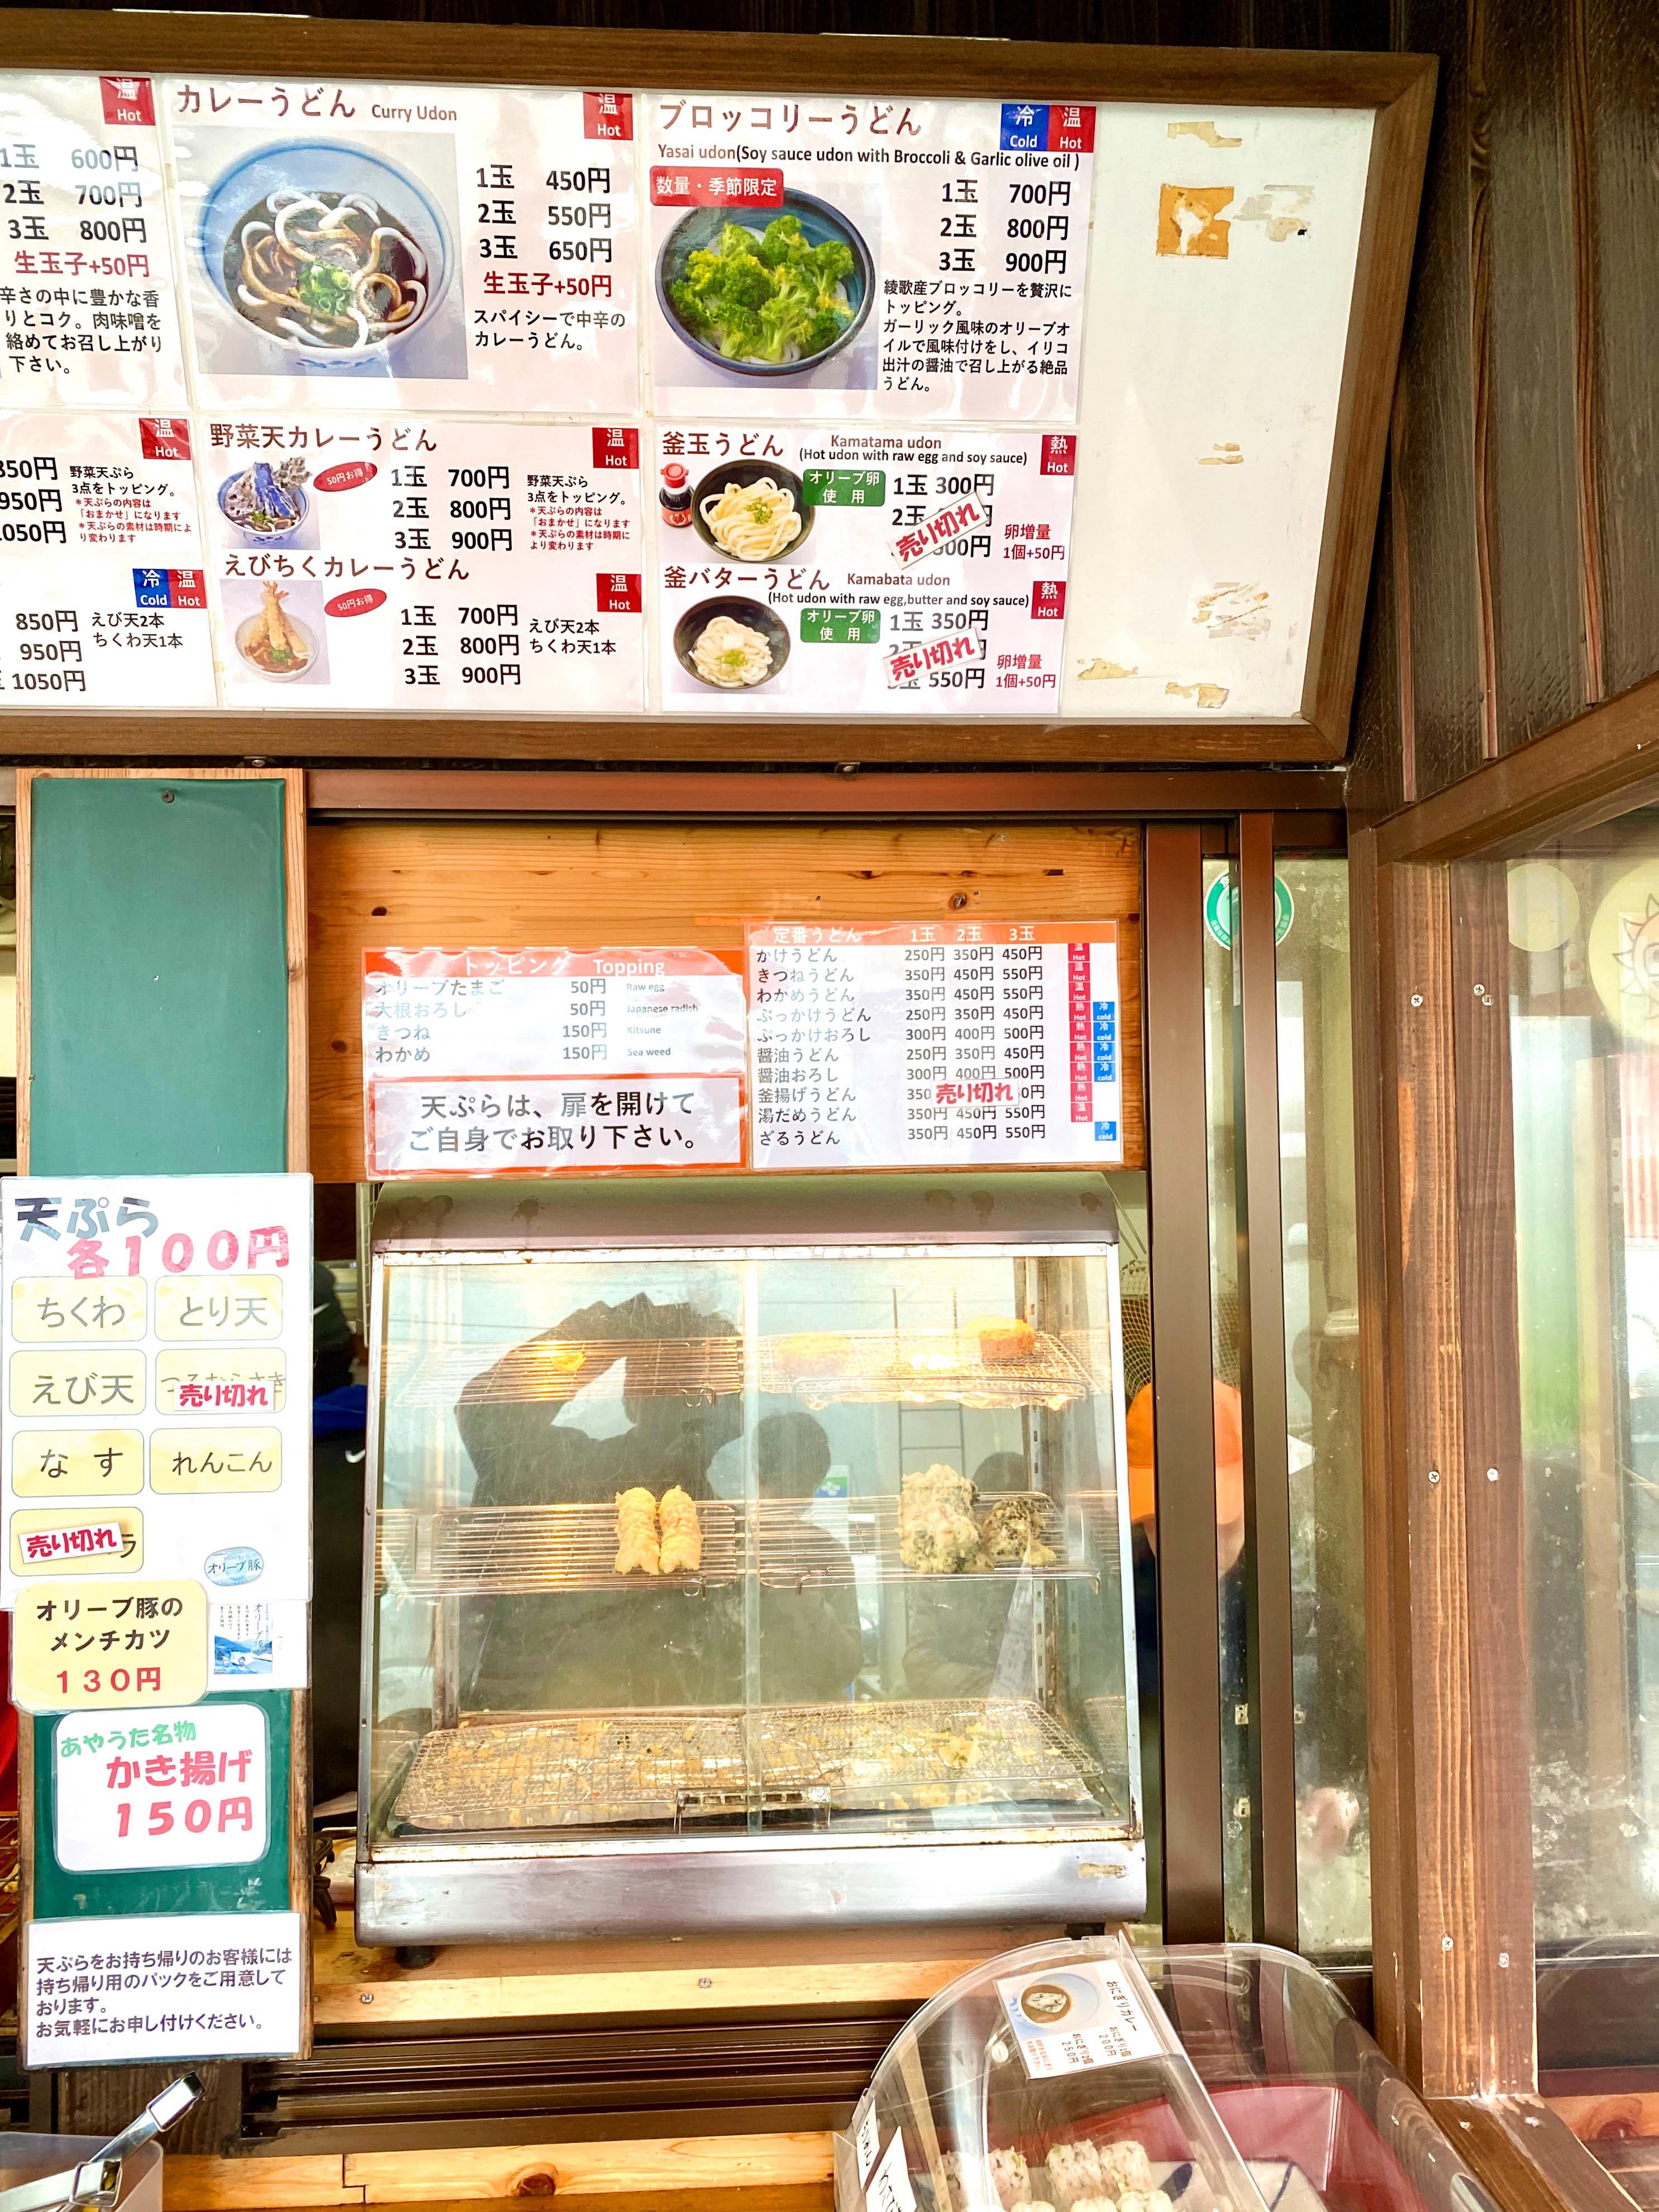 天ぷらゾーン